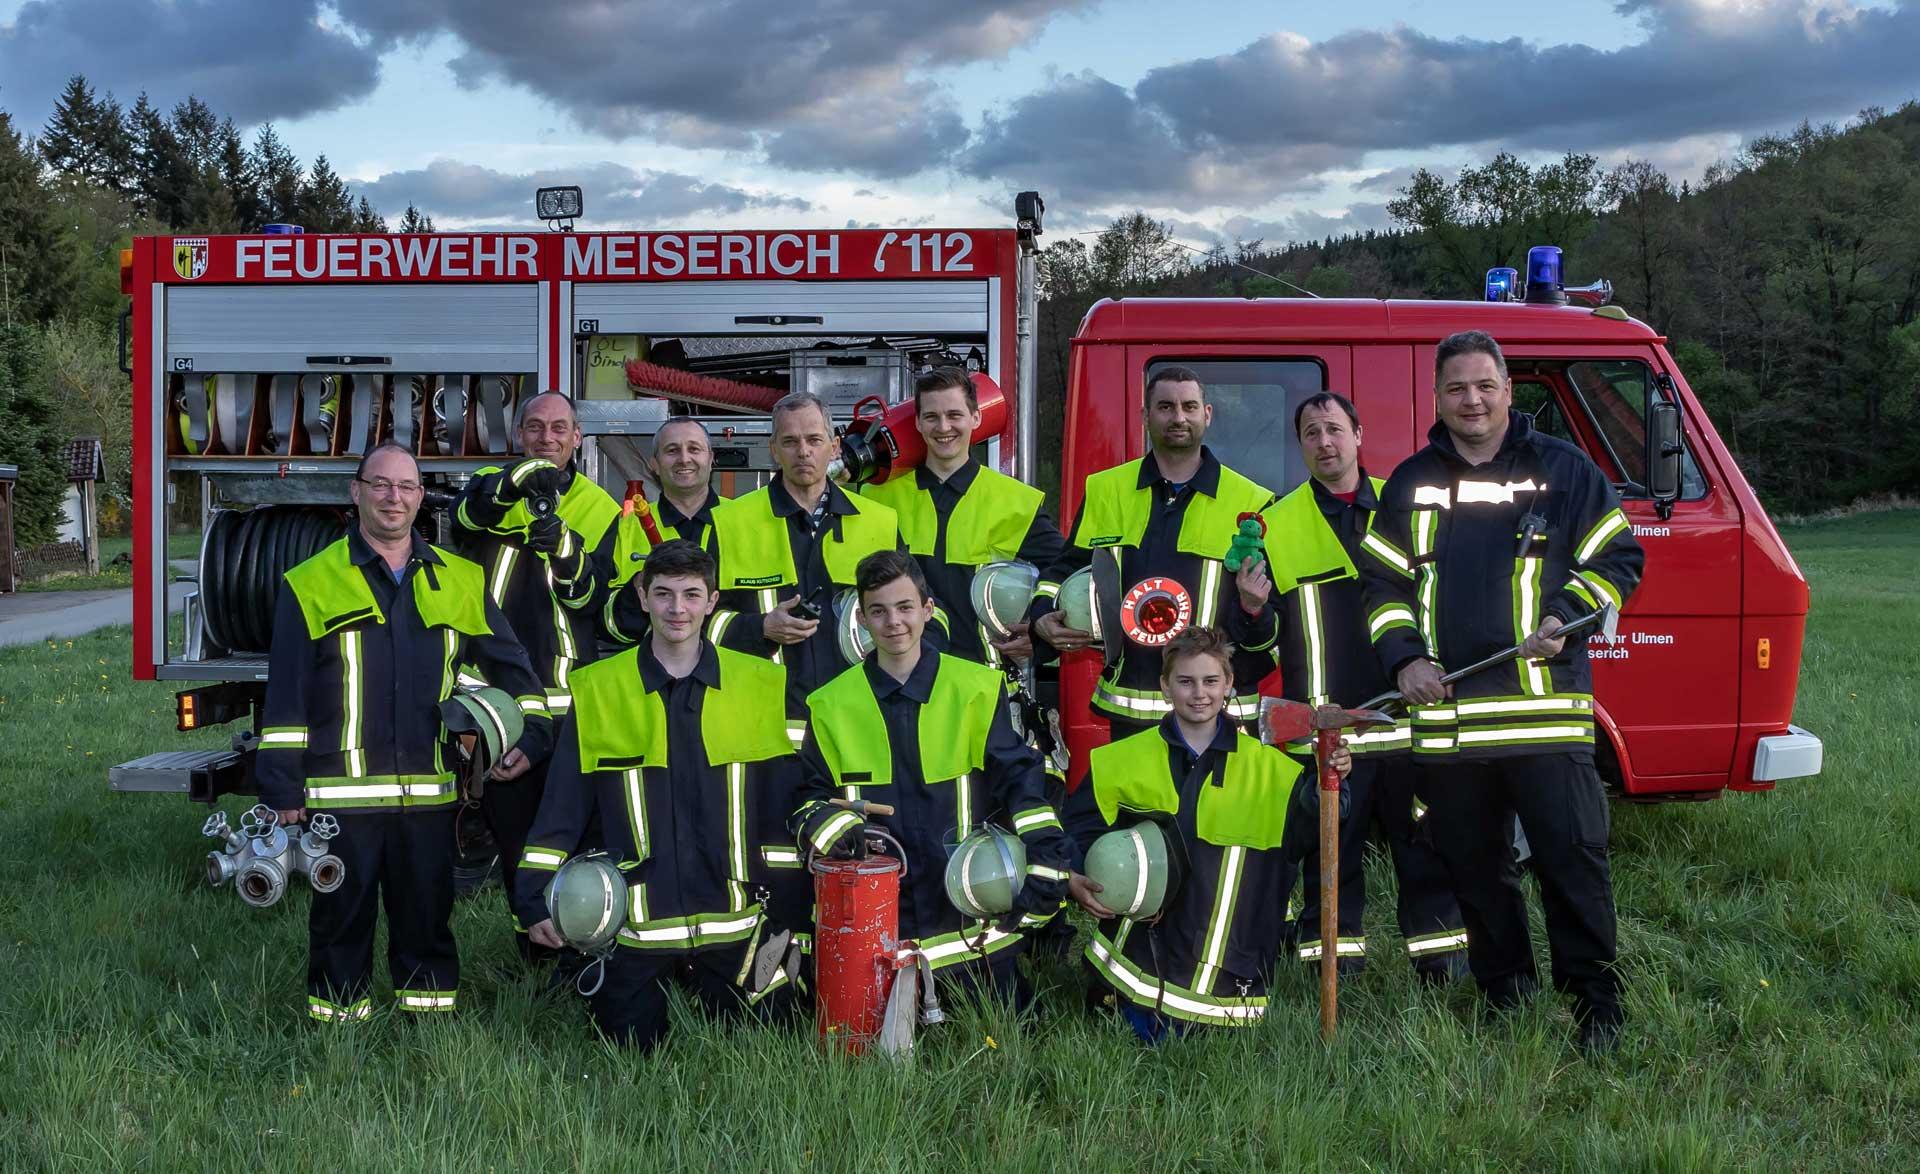 FFW Ulmen-Meiserich LZ II